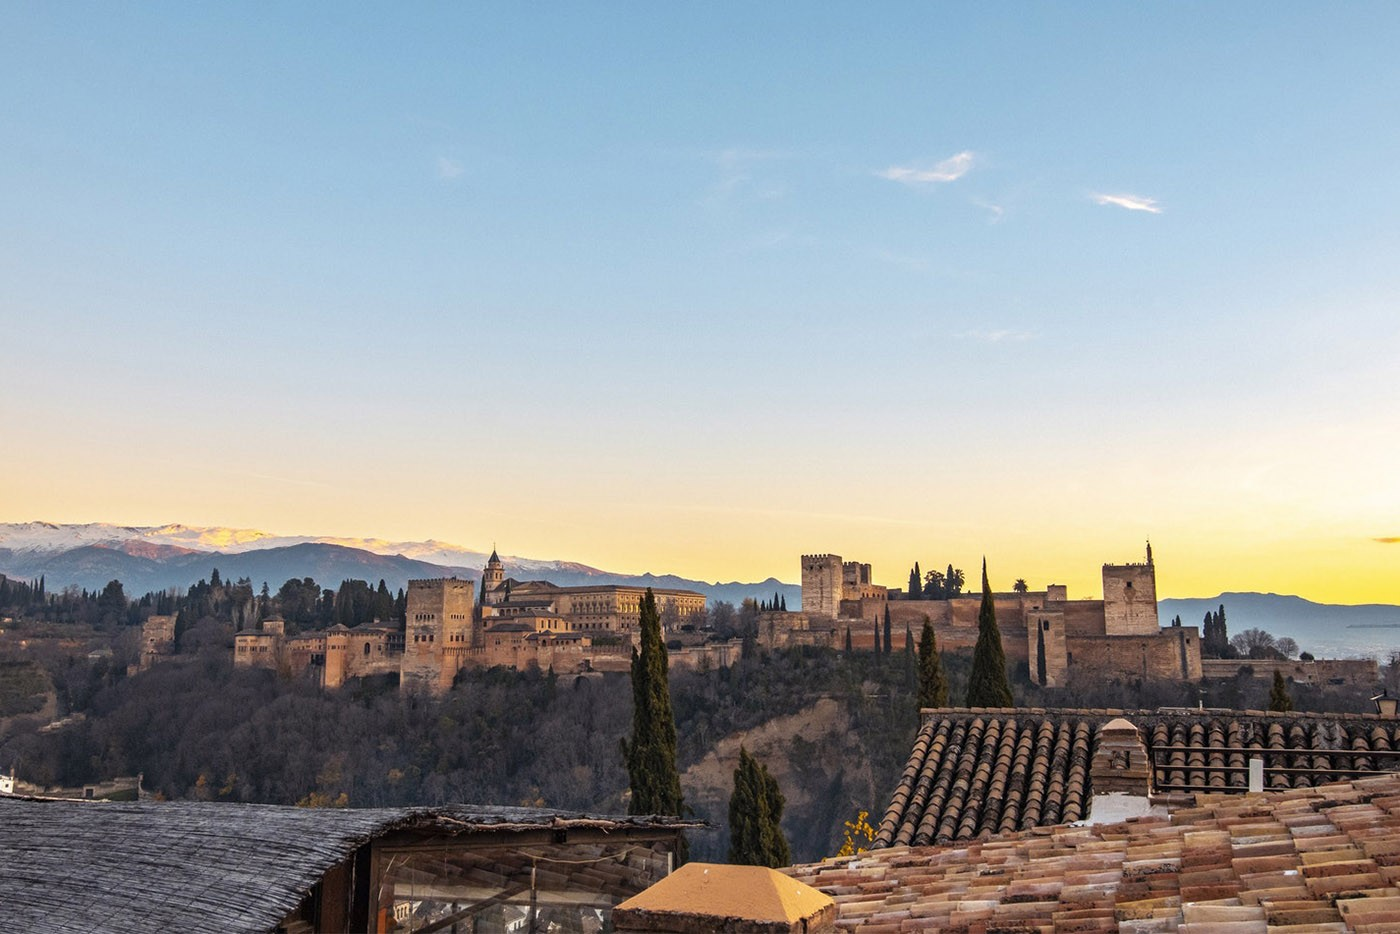 Vue de l'Alhambra depuis le Mirador de San Nicolas, Grenade, Andalousie